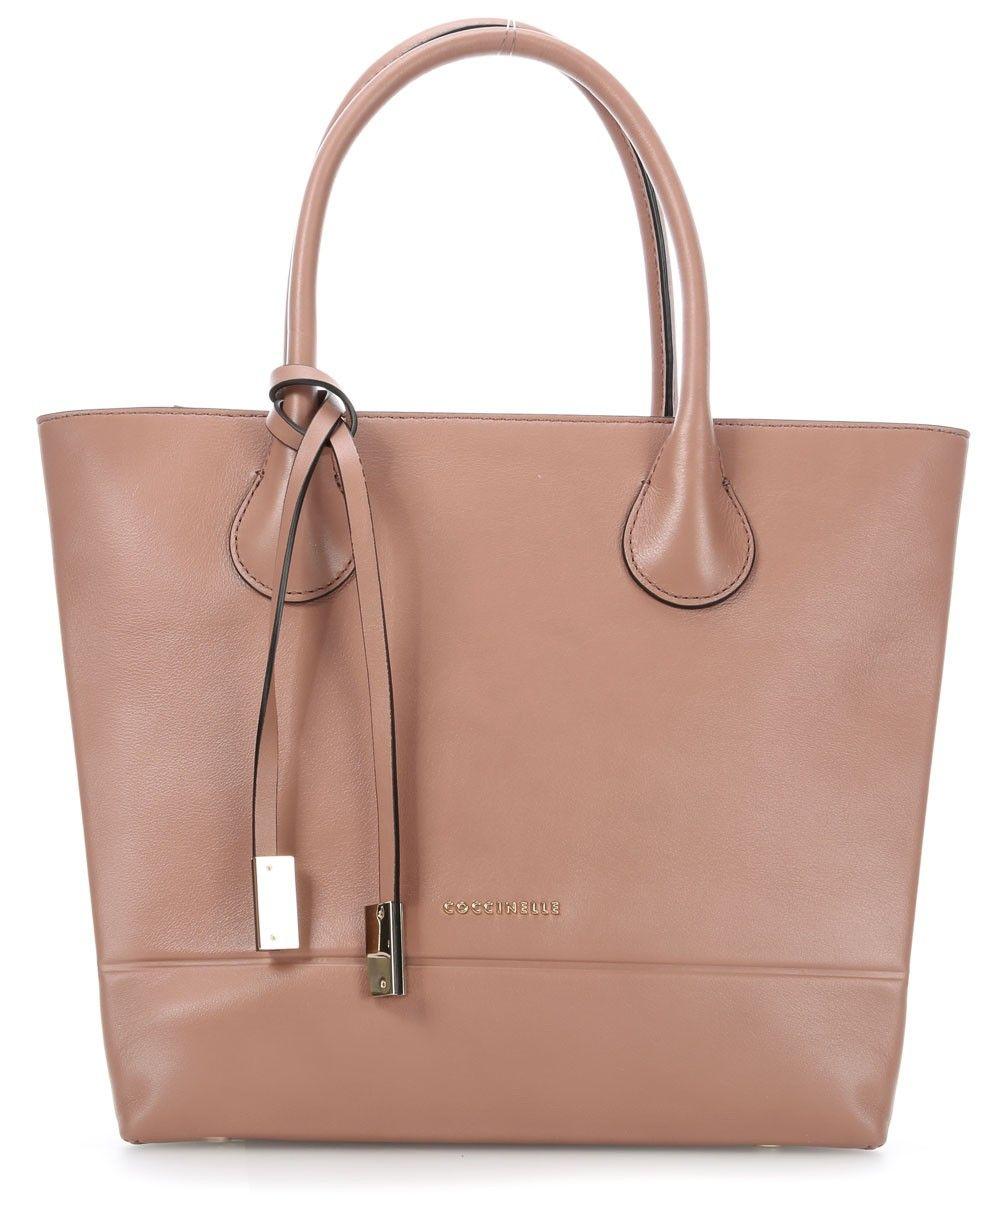 Coccinelle Bristol Smooth Handtasche Leder Altrosa 27 Cm C1va6180201 864 Designer Taschen Shop Handtasche Leder Taschen Taschen Leder